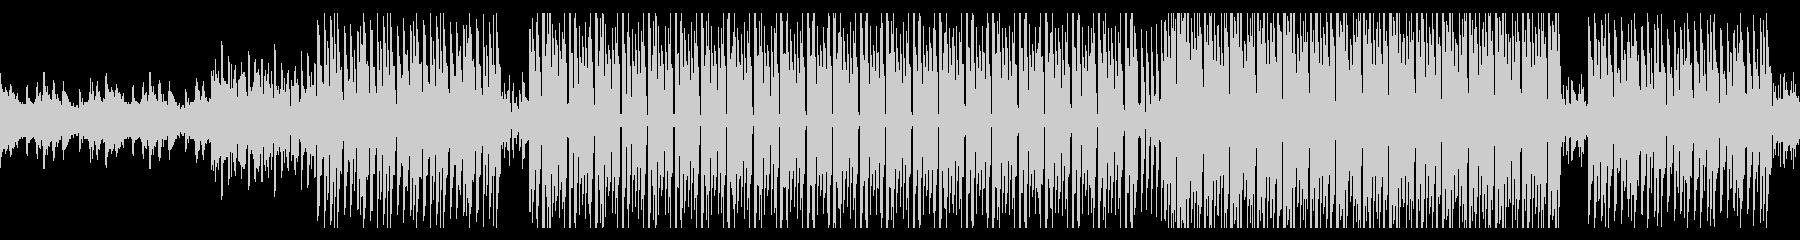 音数少なめのお洒落ディープハウス ループの未再生の波形